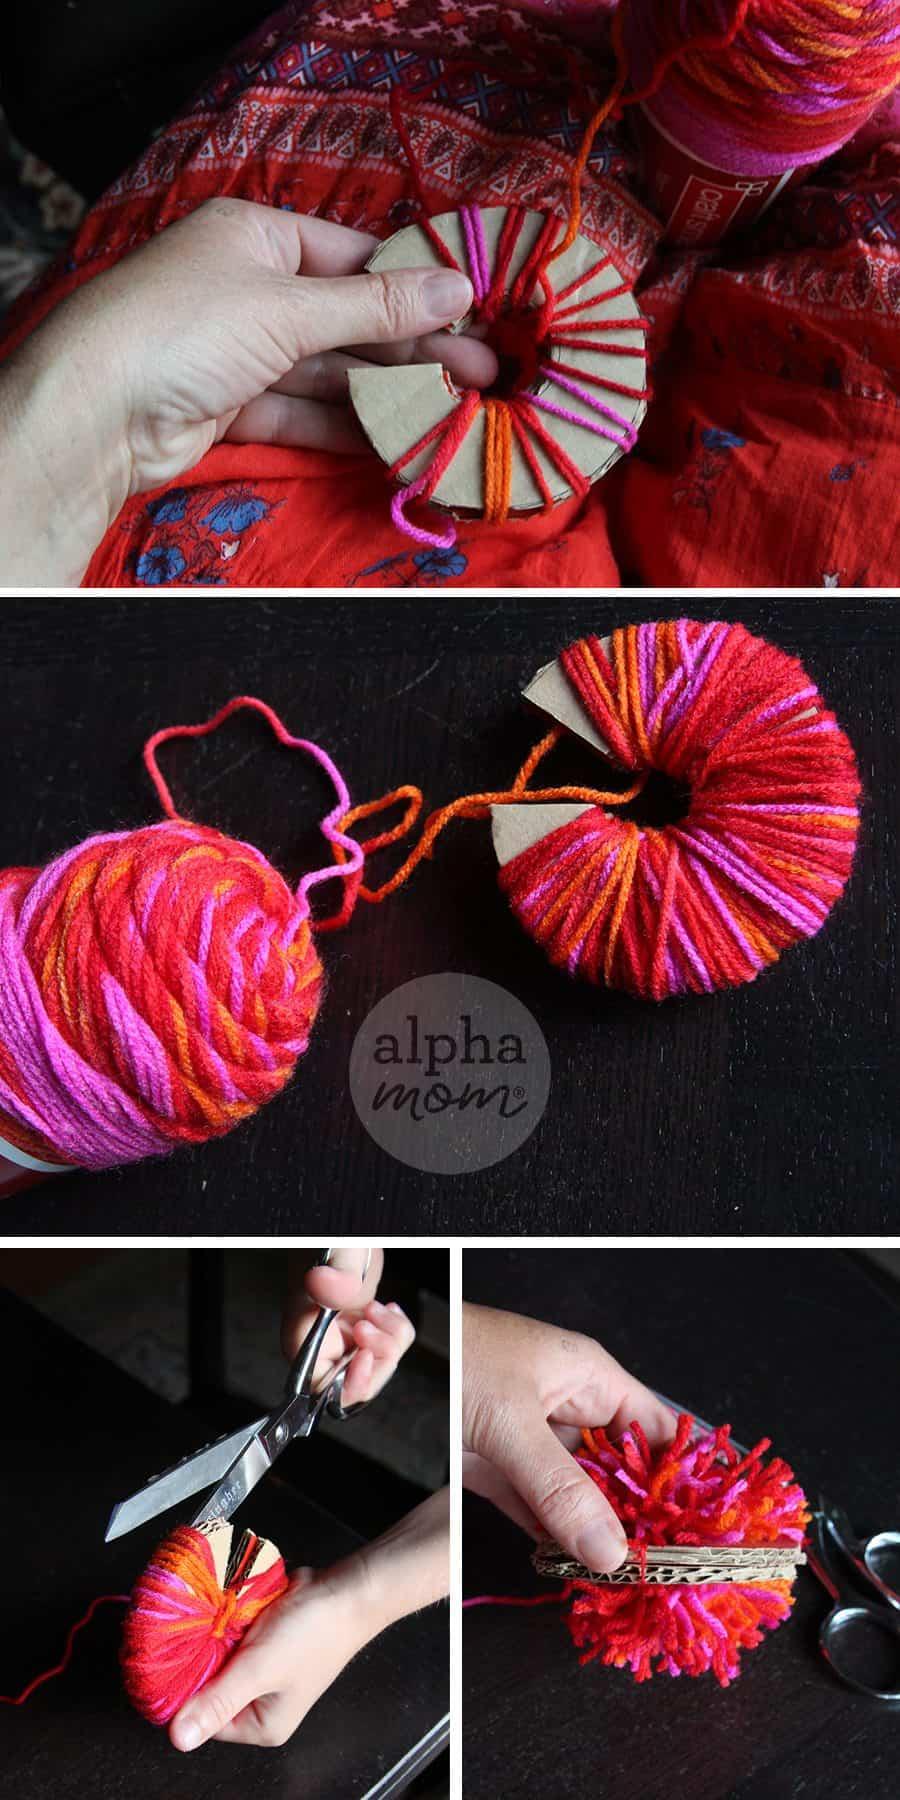 How to Make your Own Pom-Pom Maker (how-to) by Brenda Ponnay for Alphamom.com